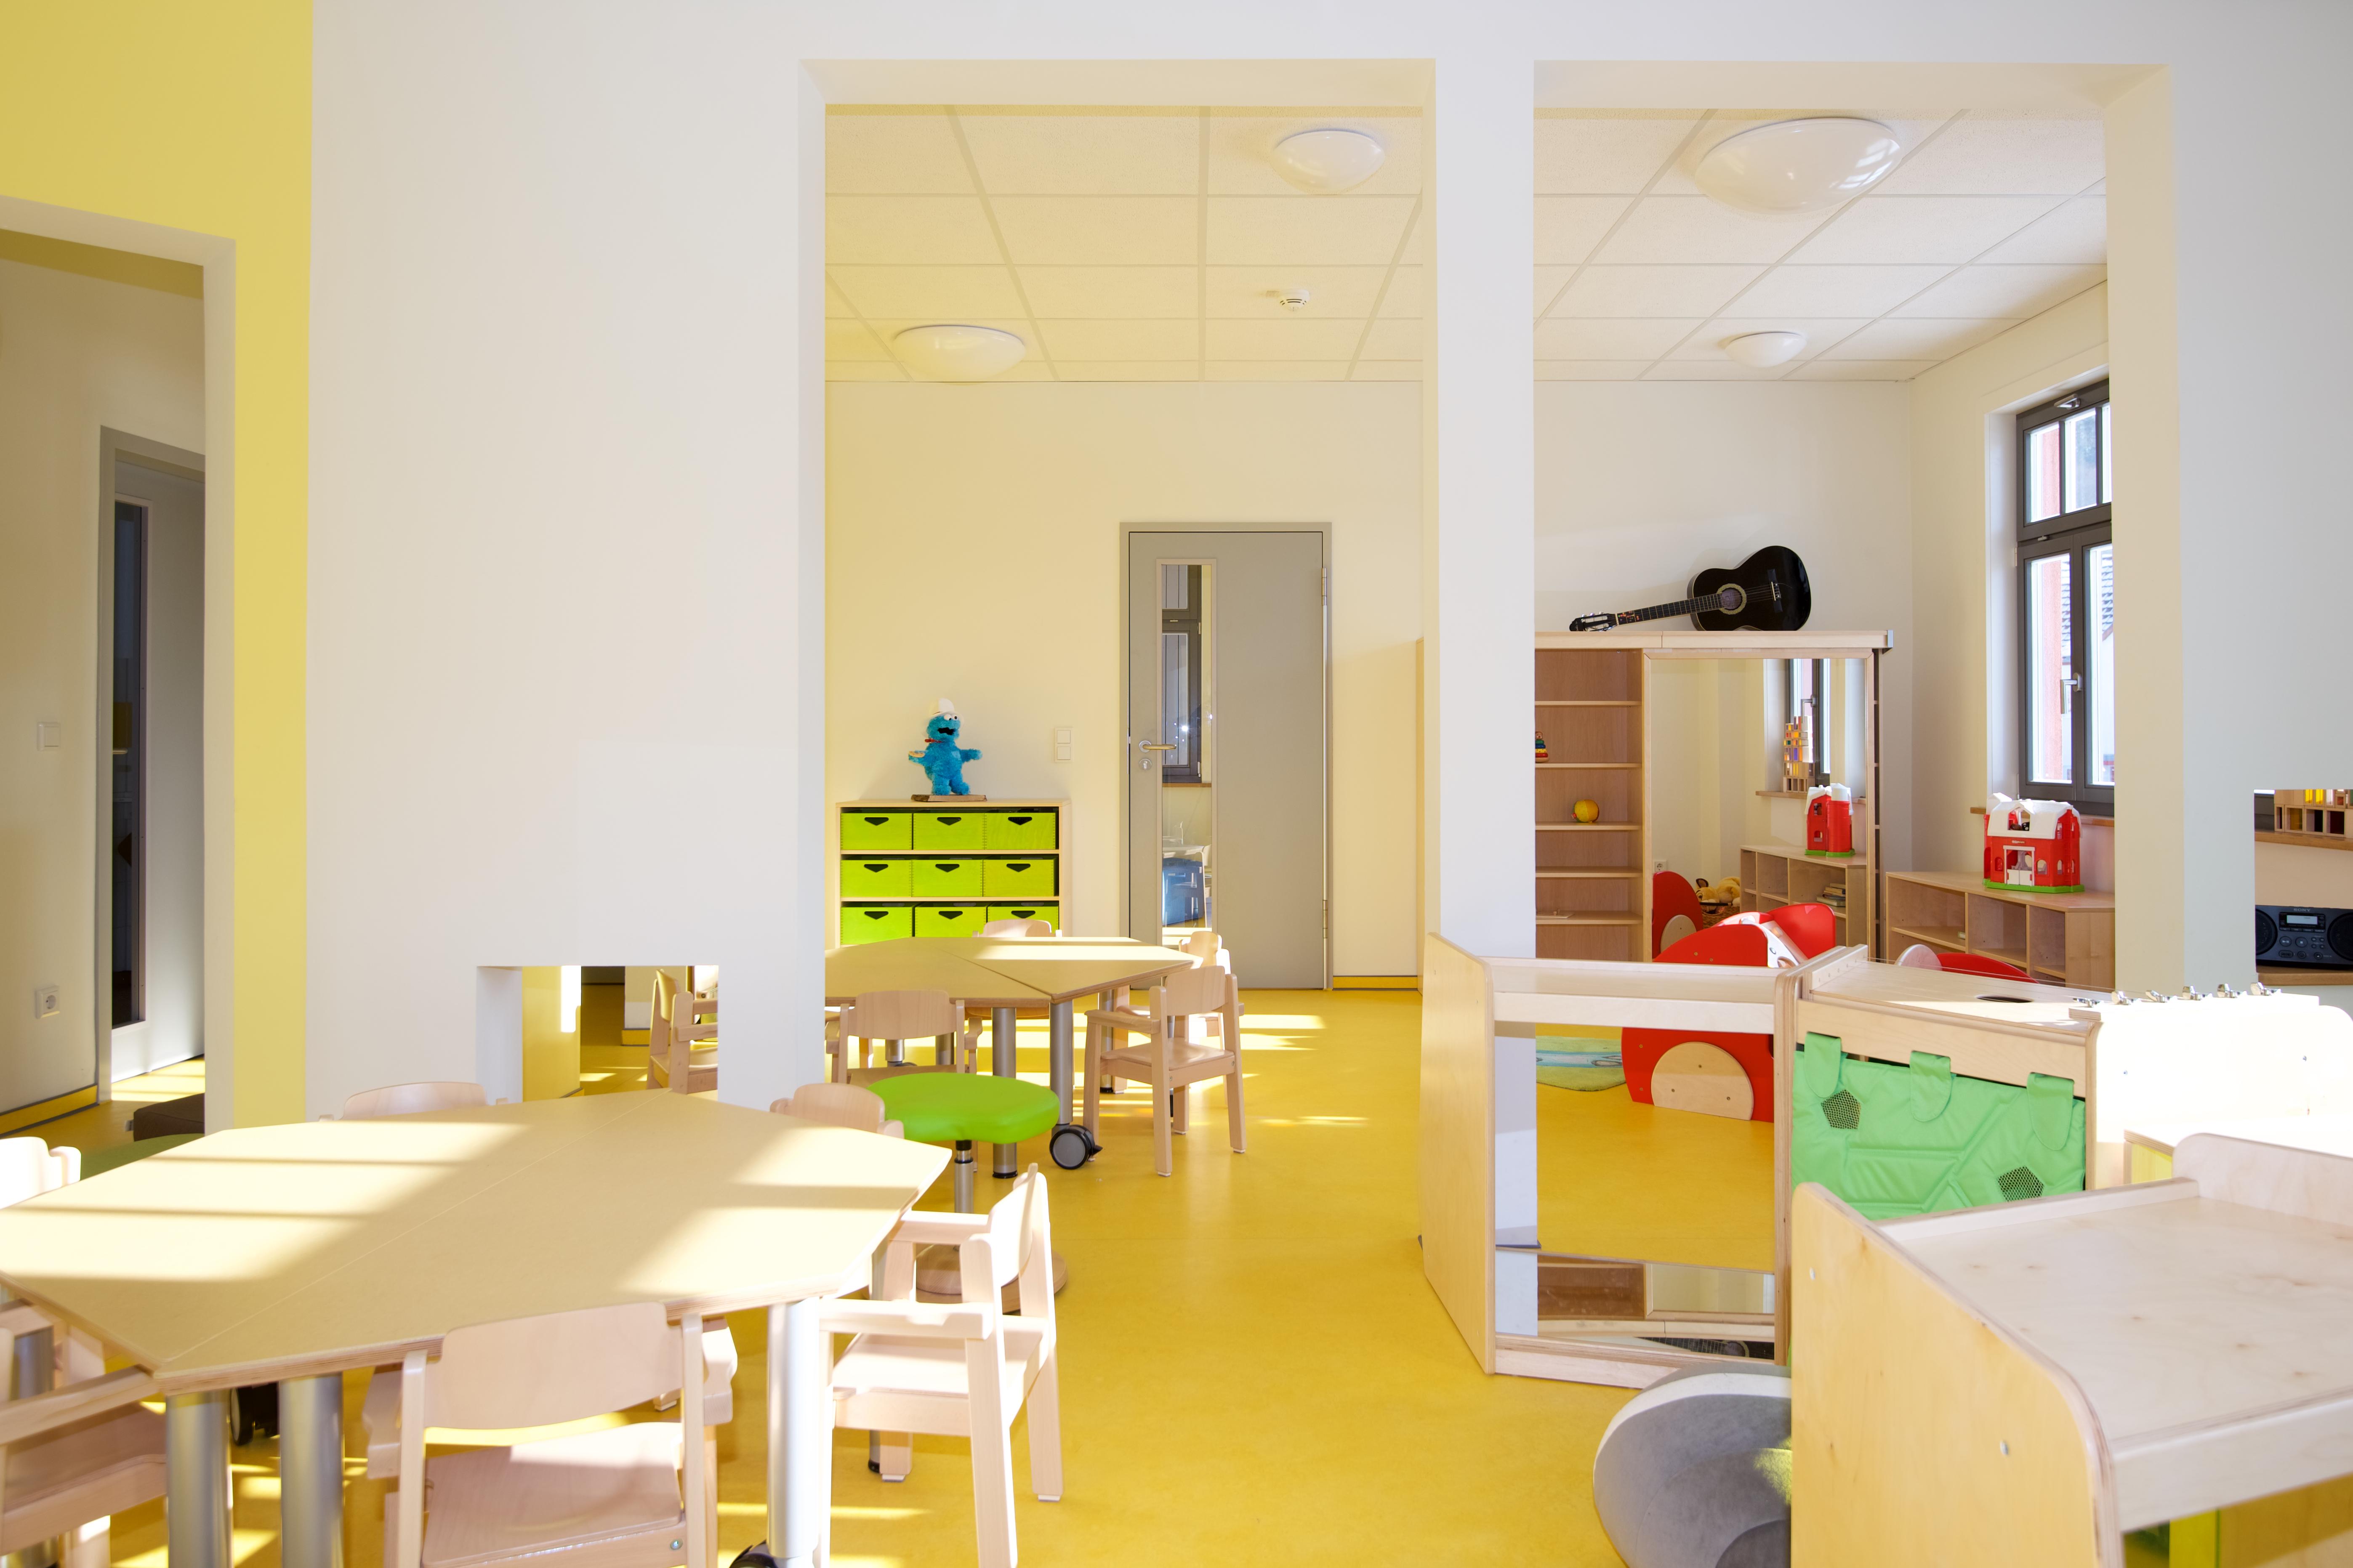 Sanierte Innenräume, Quelle: Axel Bauer formplus